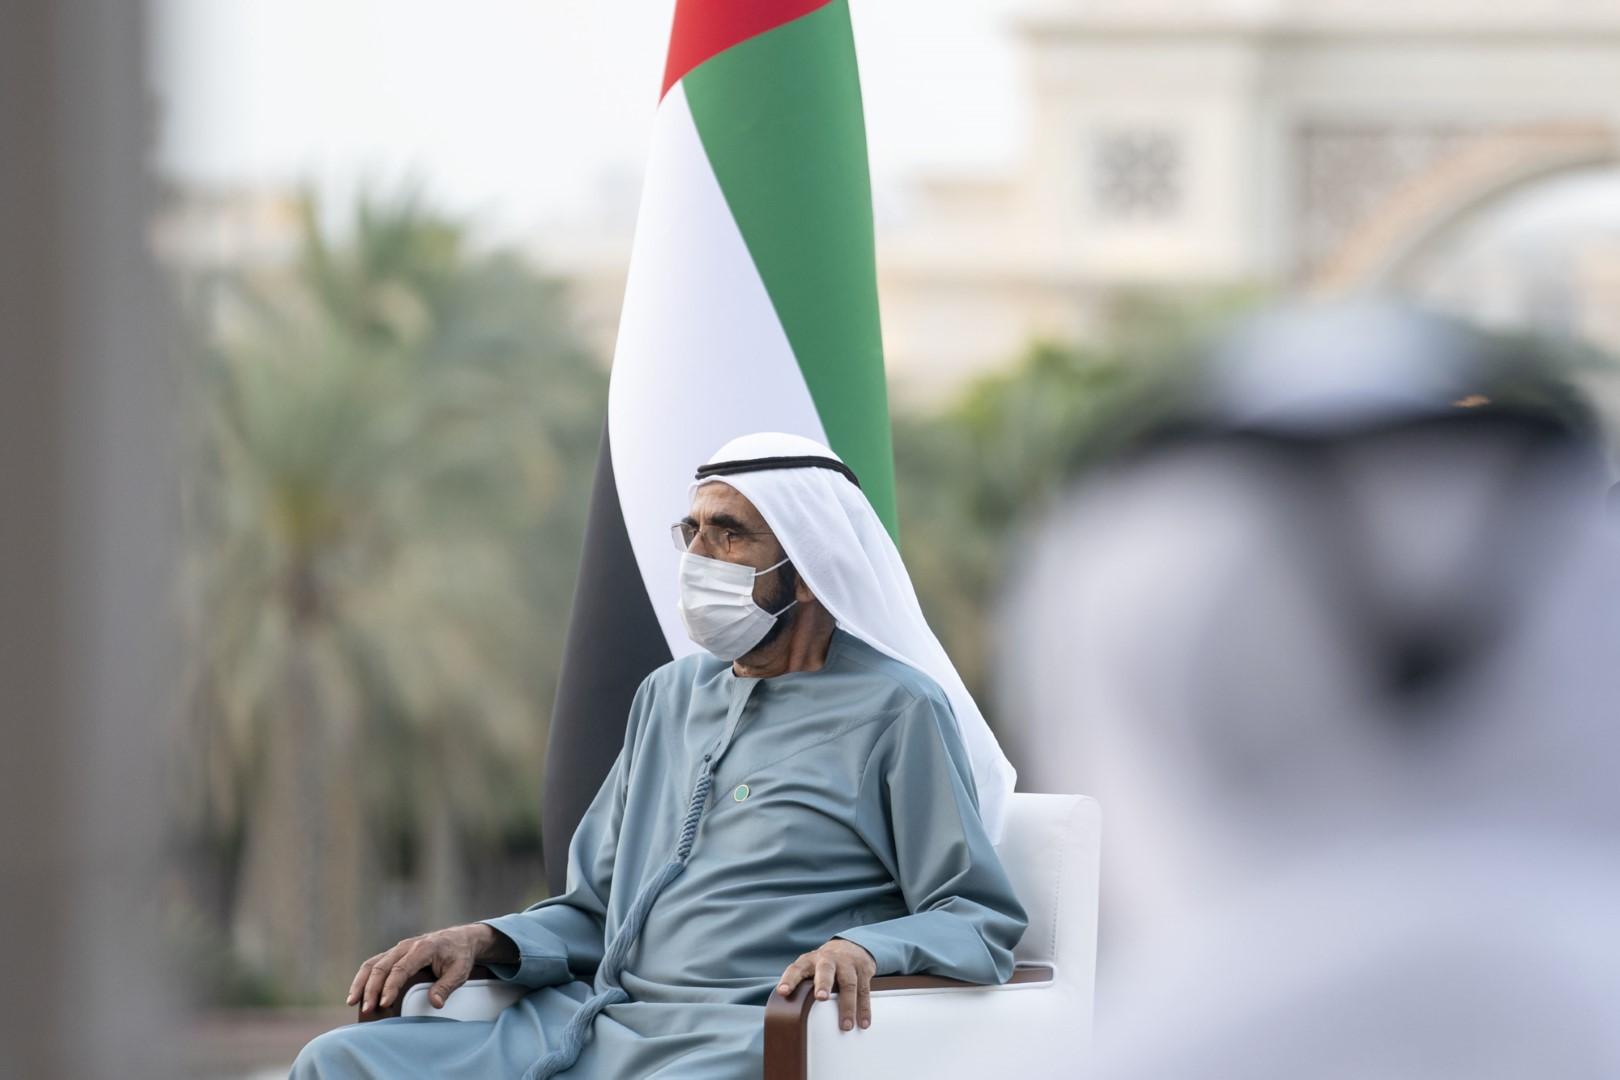 محمد بن راشد يستقبل رئيس الوزراء العراقي